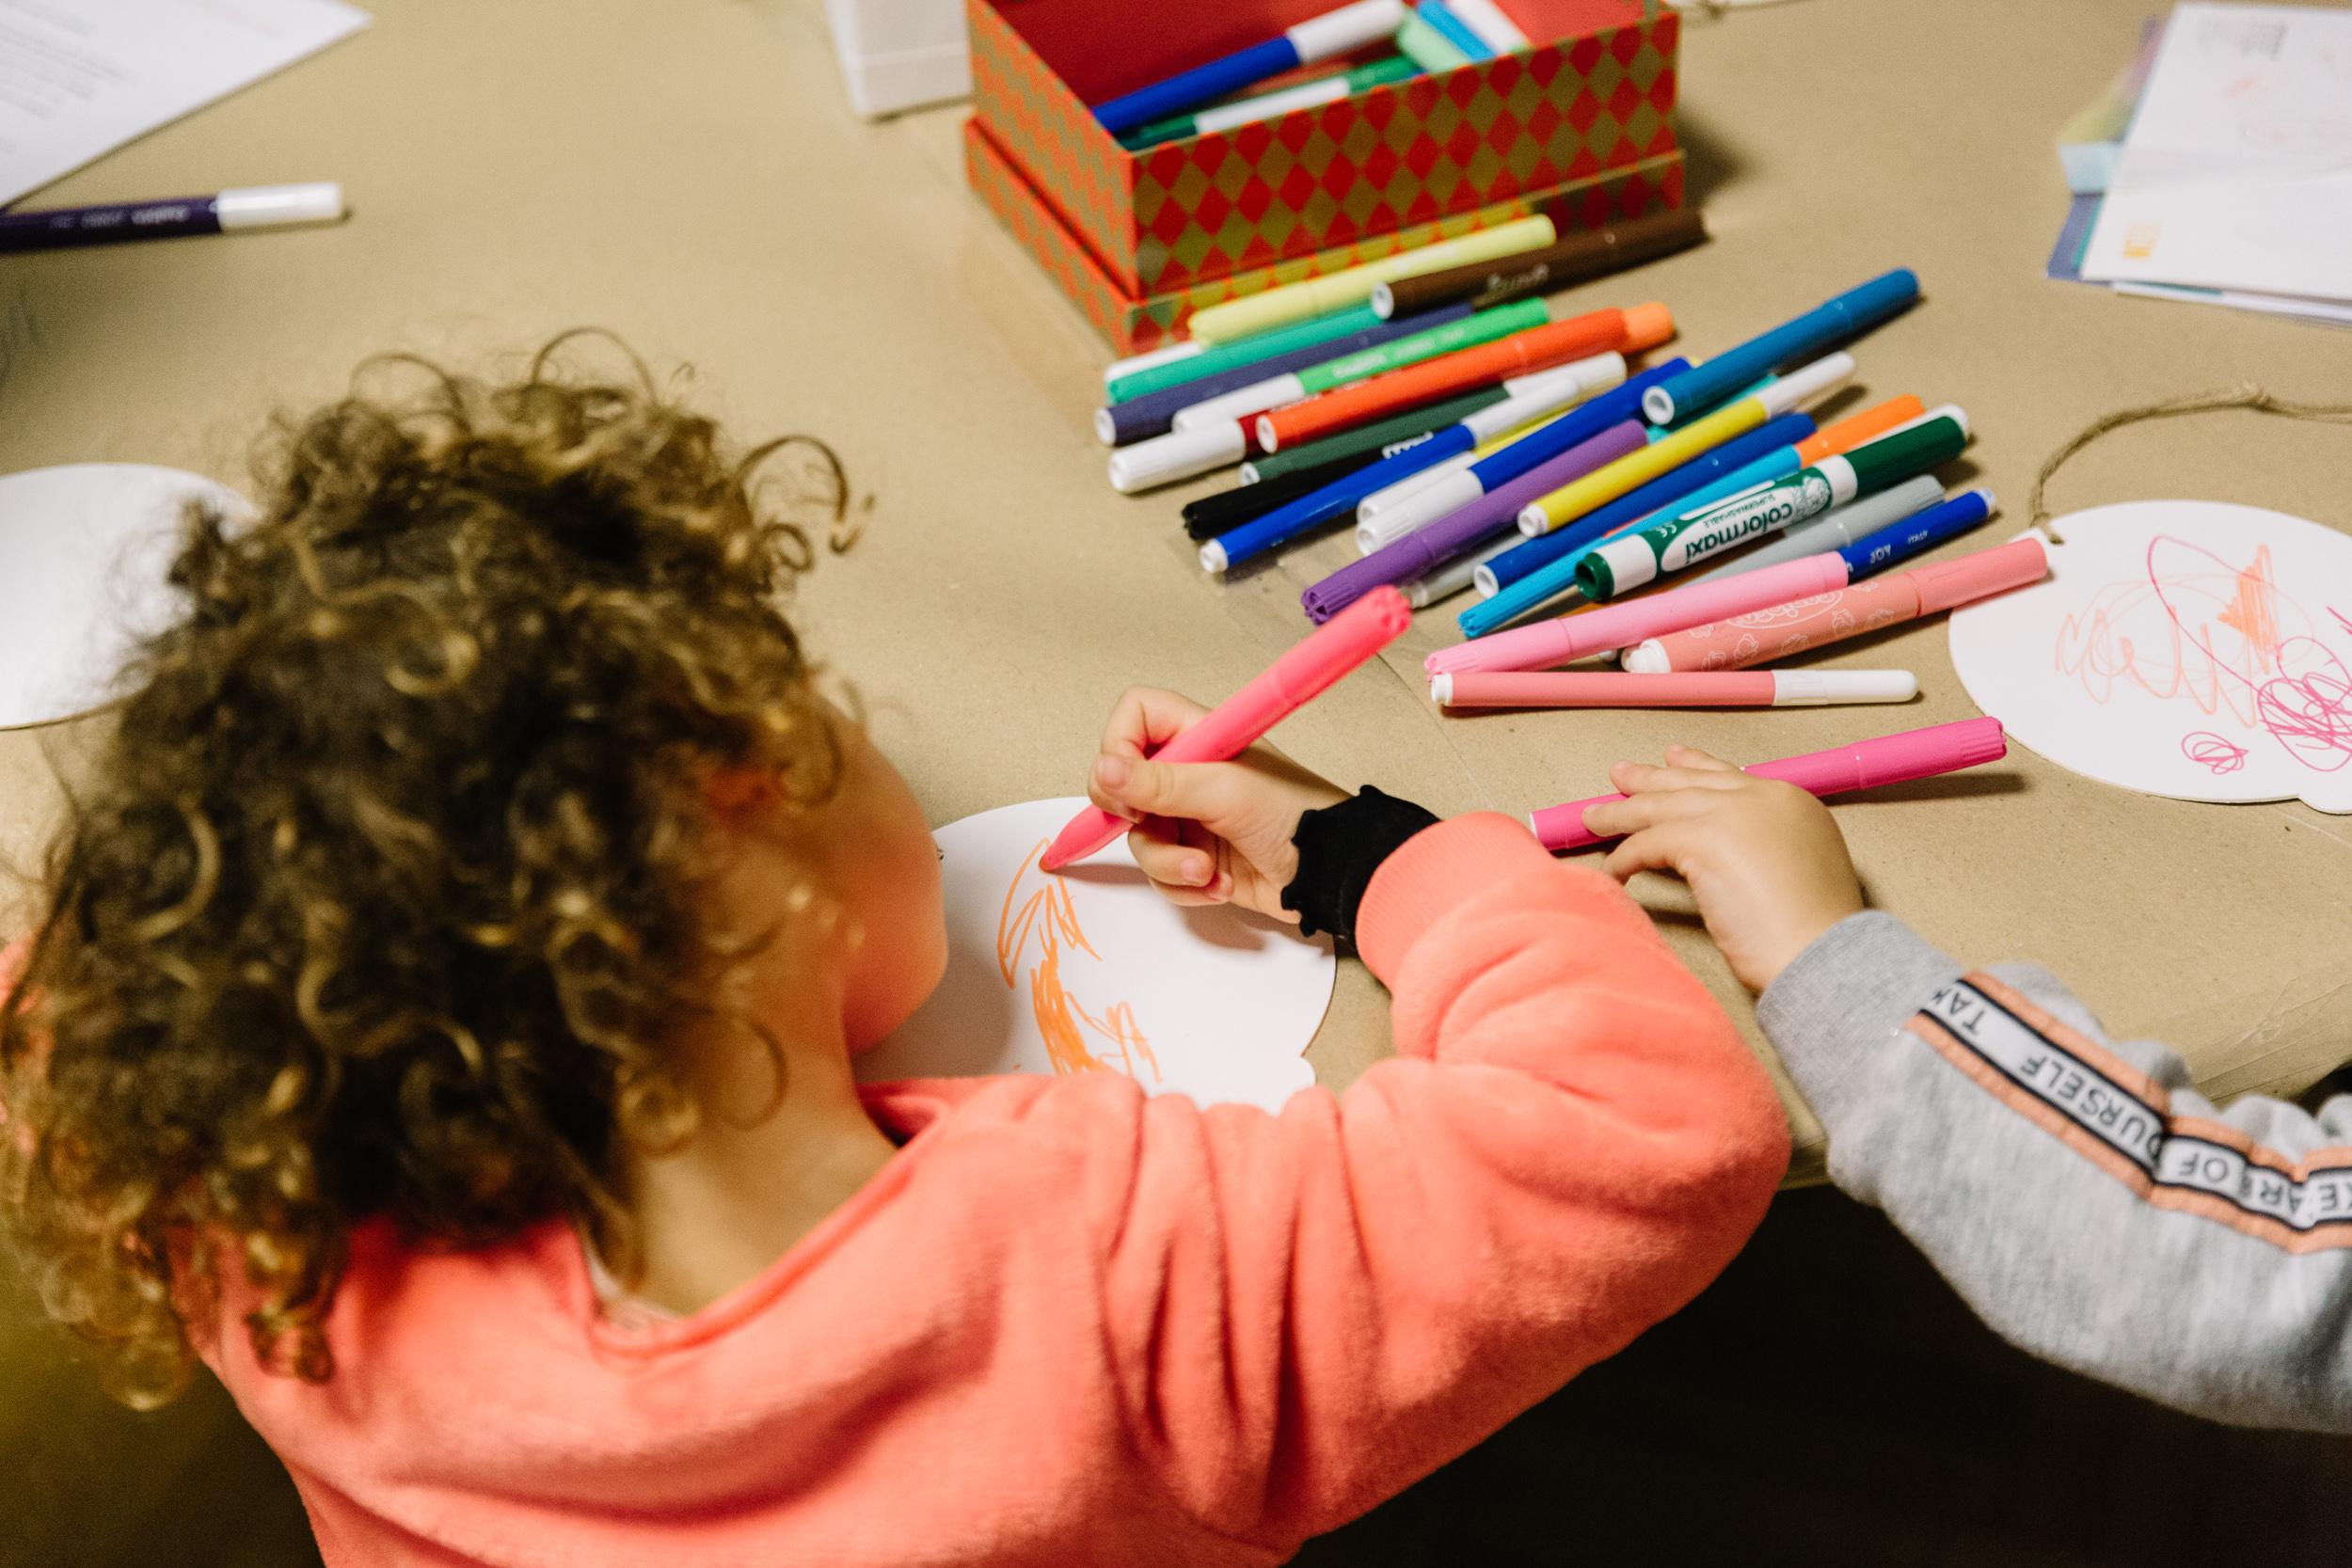 Διαγωνισμός Ζωγραφικής του Μουσείου Κυκλαδικής Τέχνης για παιδιά 4-15 ετών - Monopoli.gr